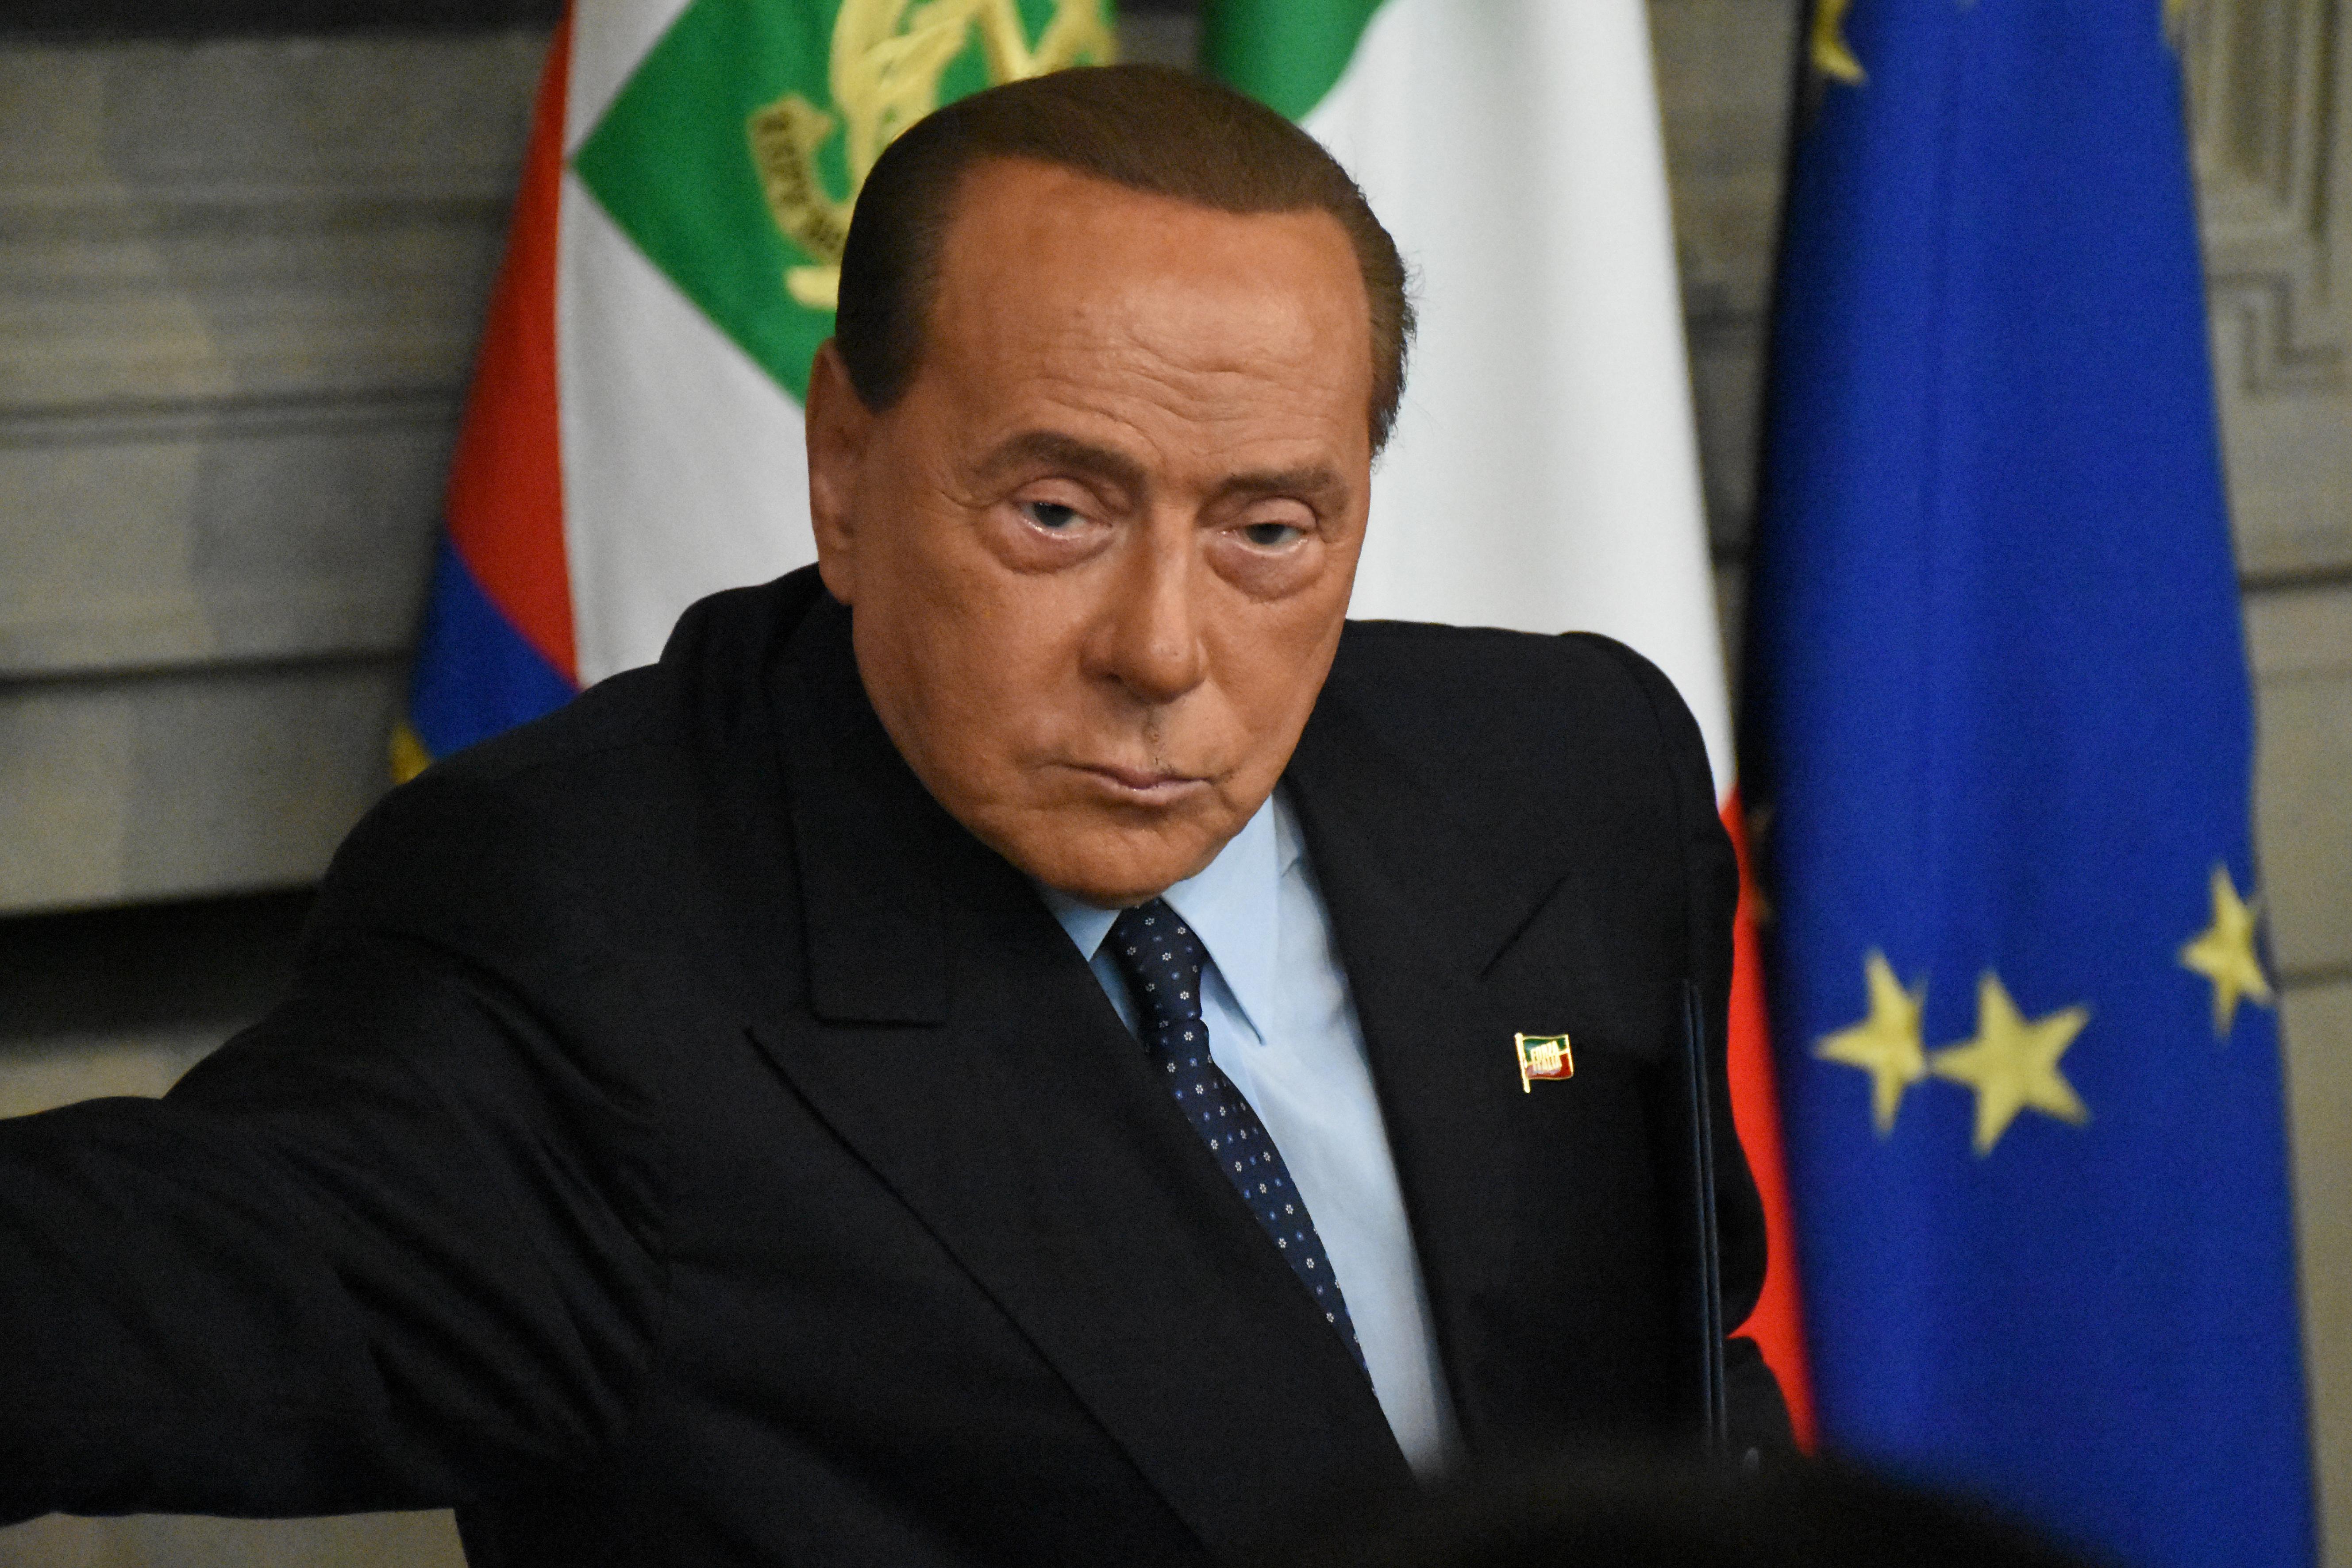 Berlusconi kétoldali tüdőgyulladással került kórházba, miután kimutatták nála a koronavírust